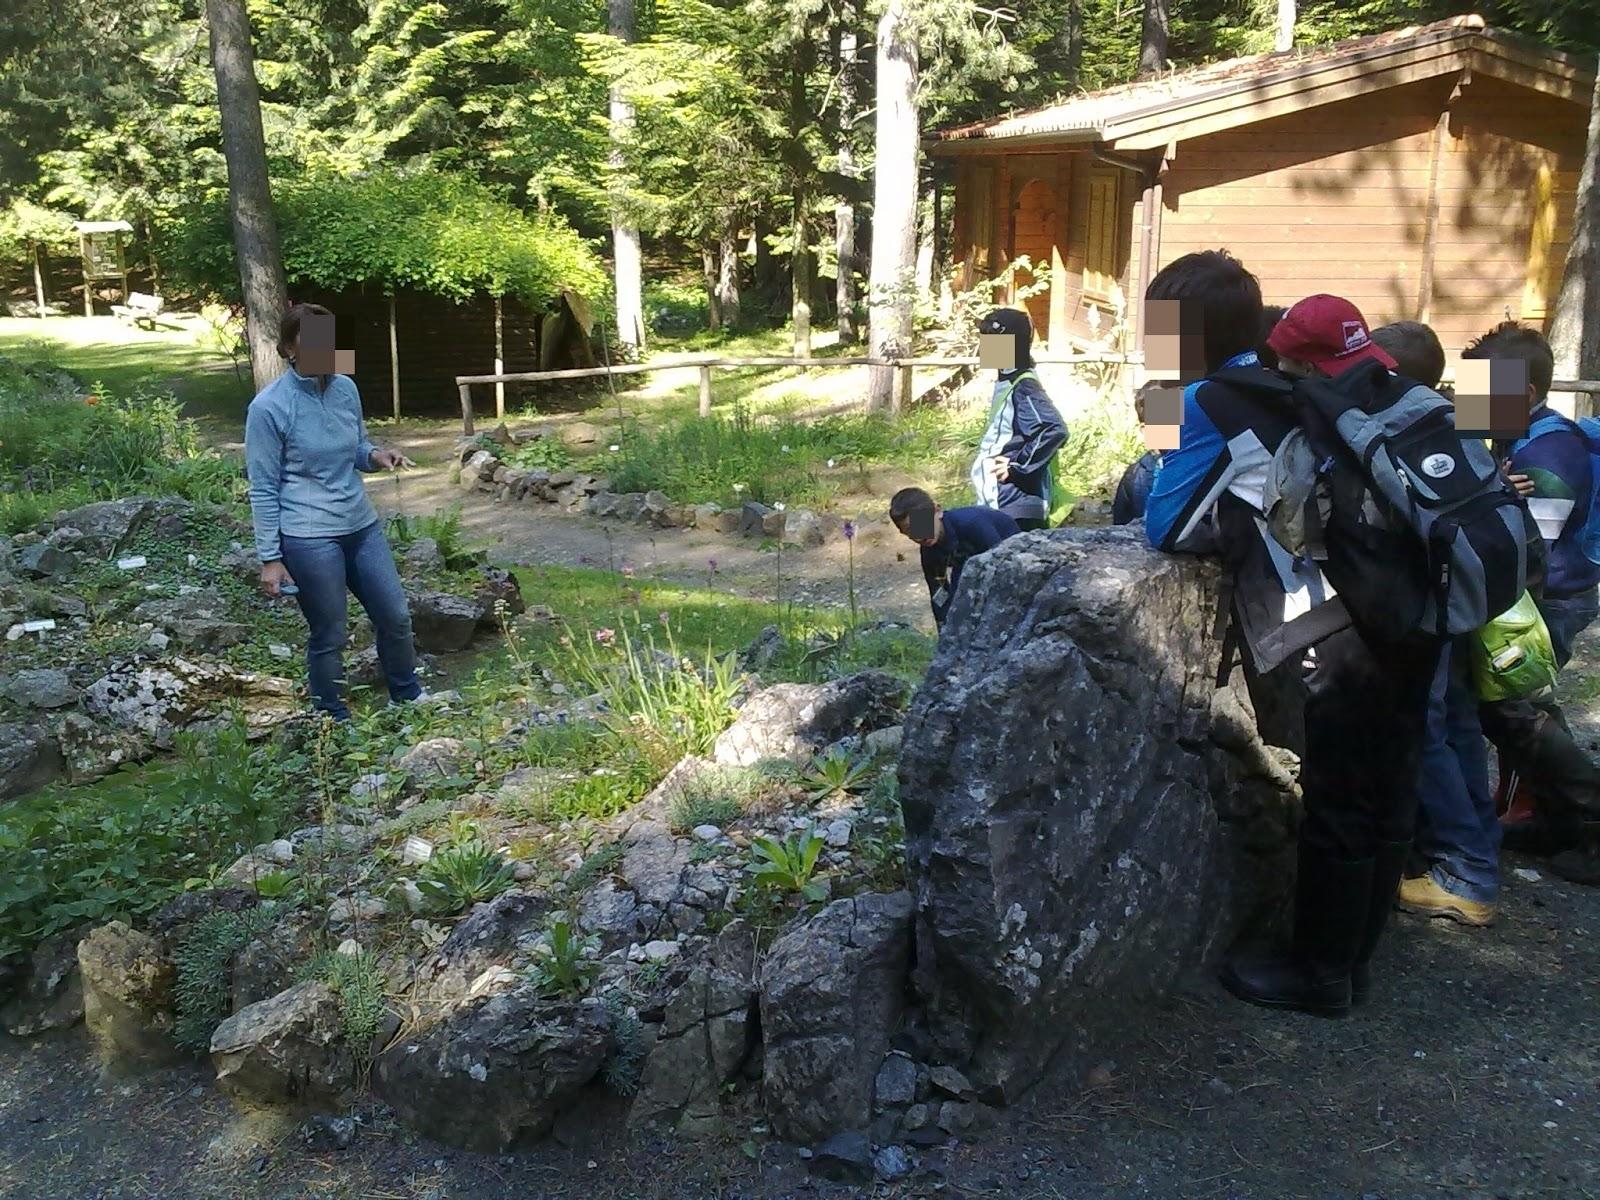 Giardino Pietra Corva : Scuola in valle visita al giardino botanico di pietra corva